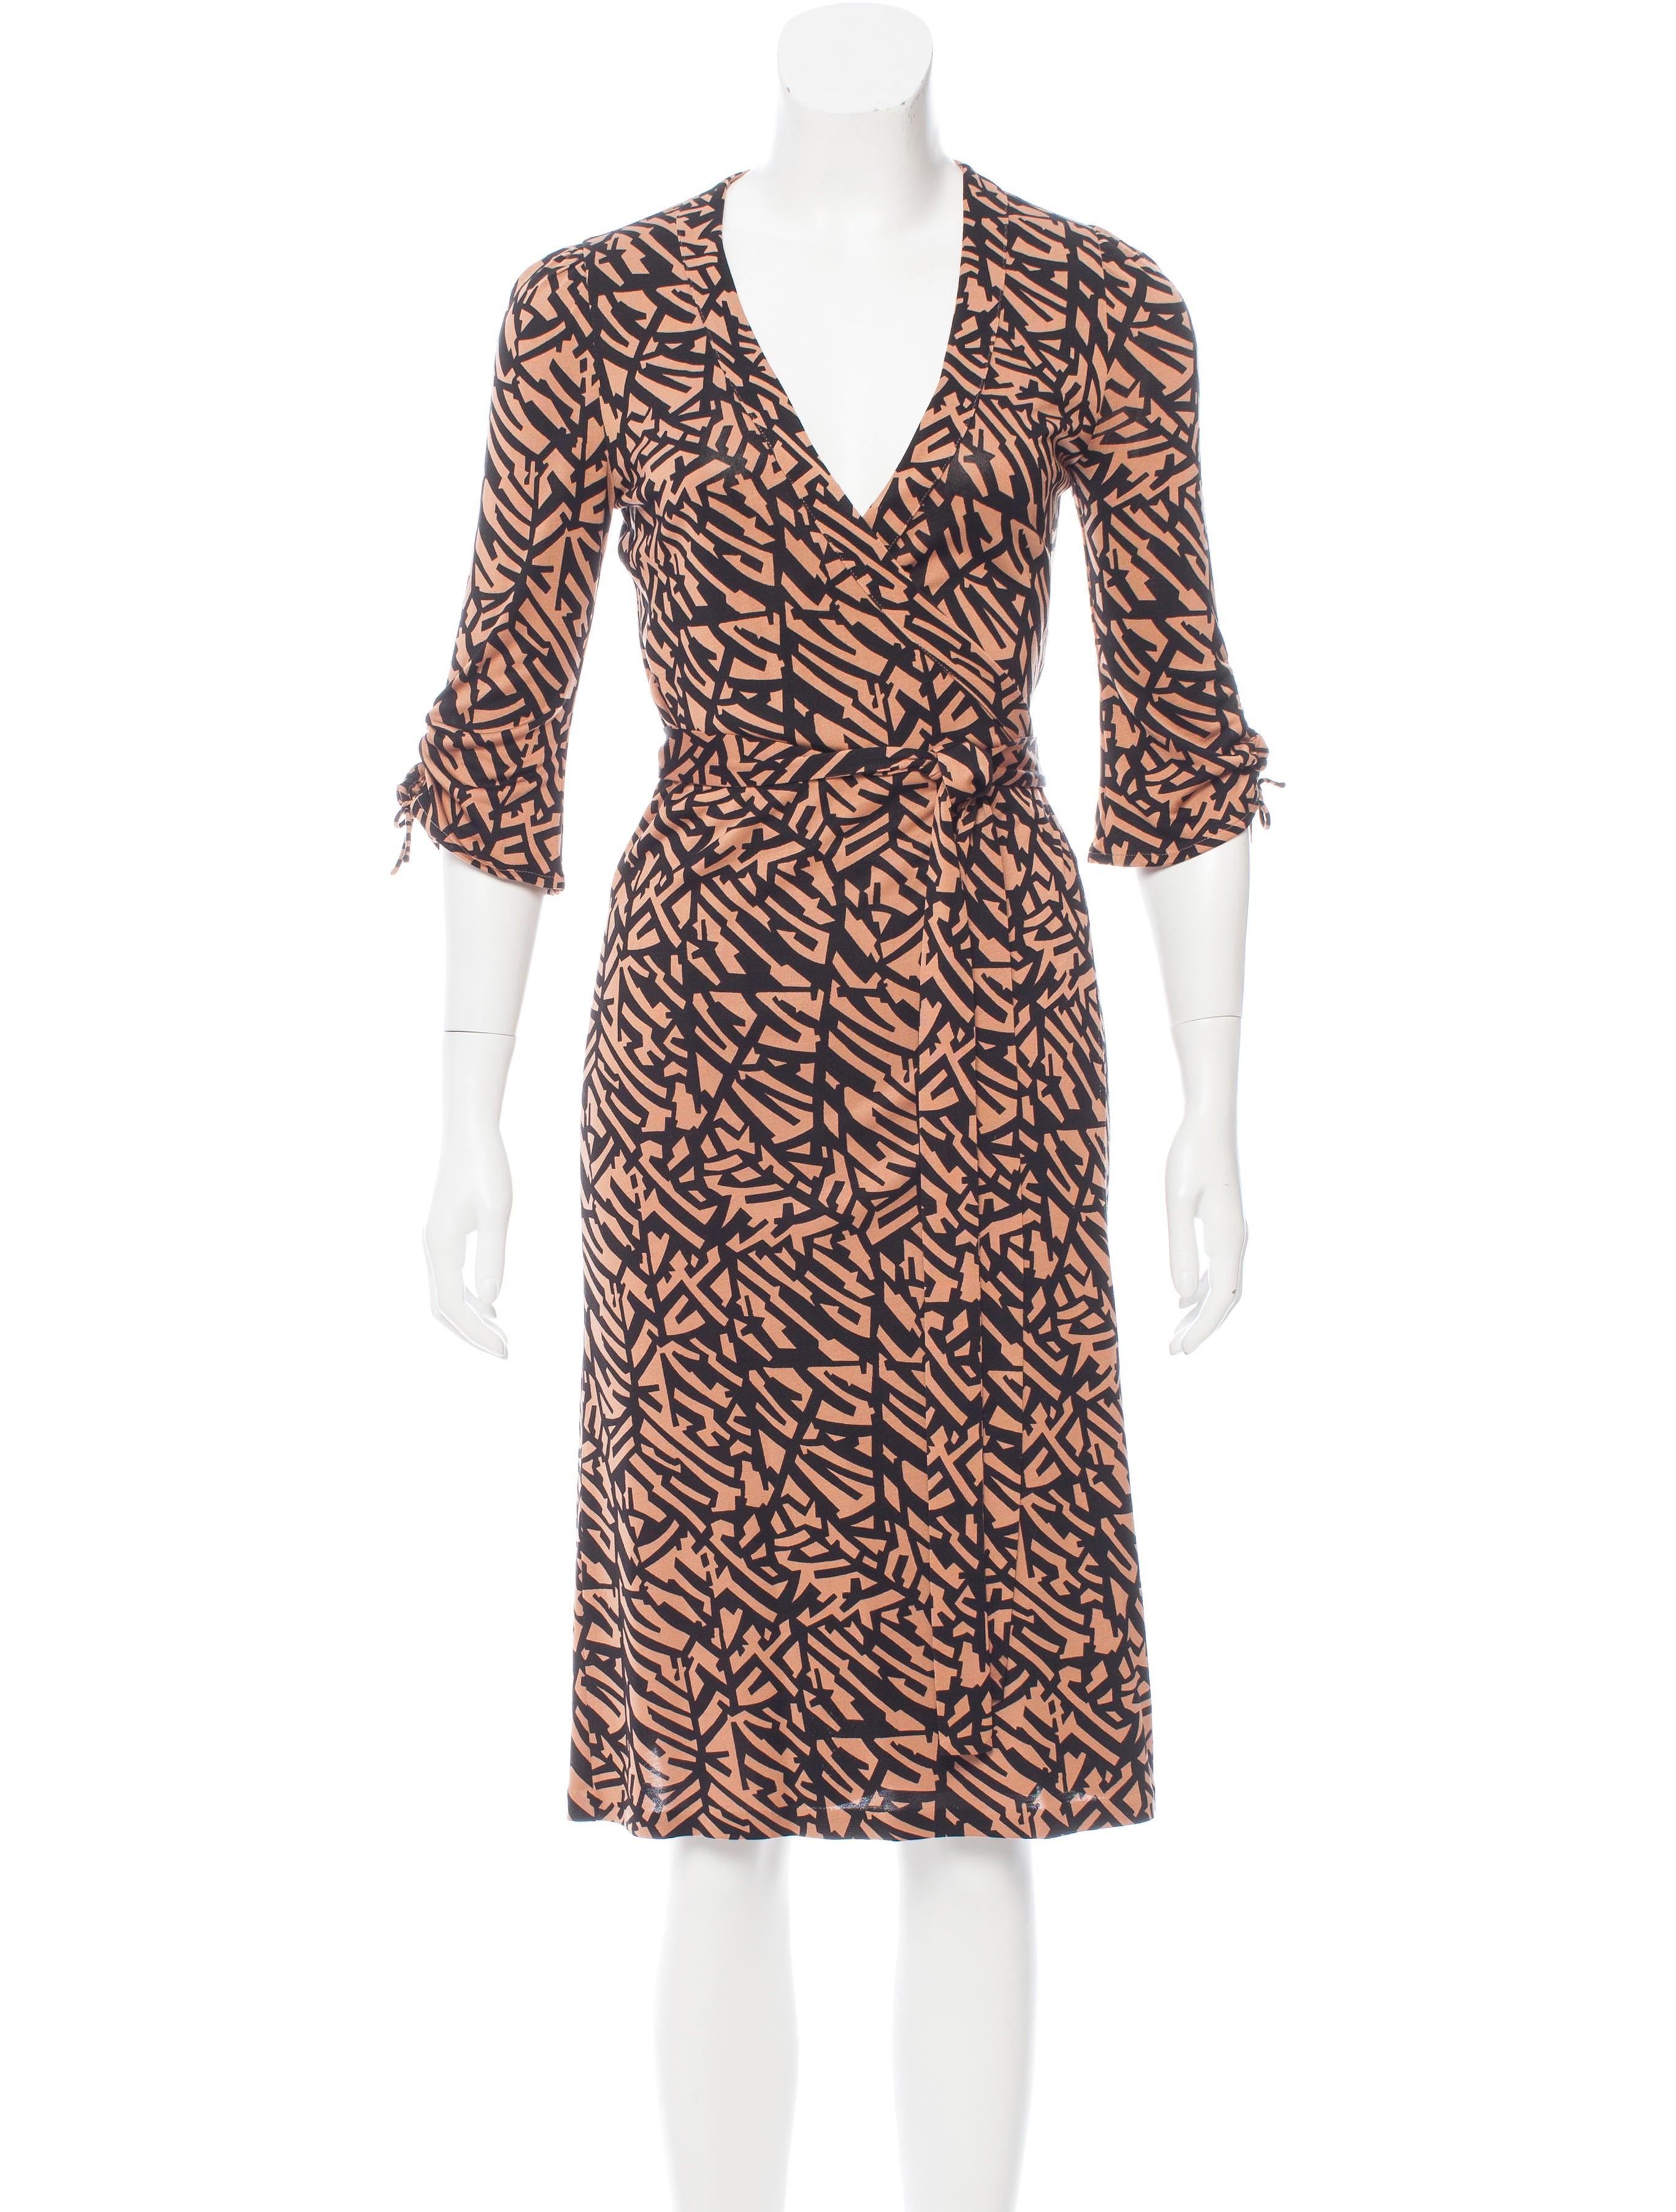 Diane von furstenberg tigerlily silk dress clothing for Diane von furstenberg shirt